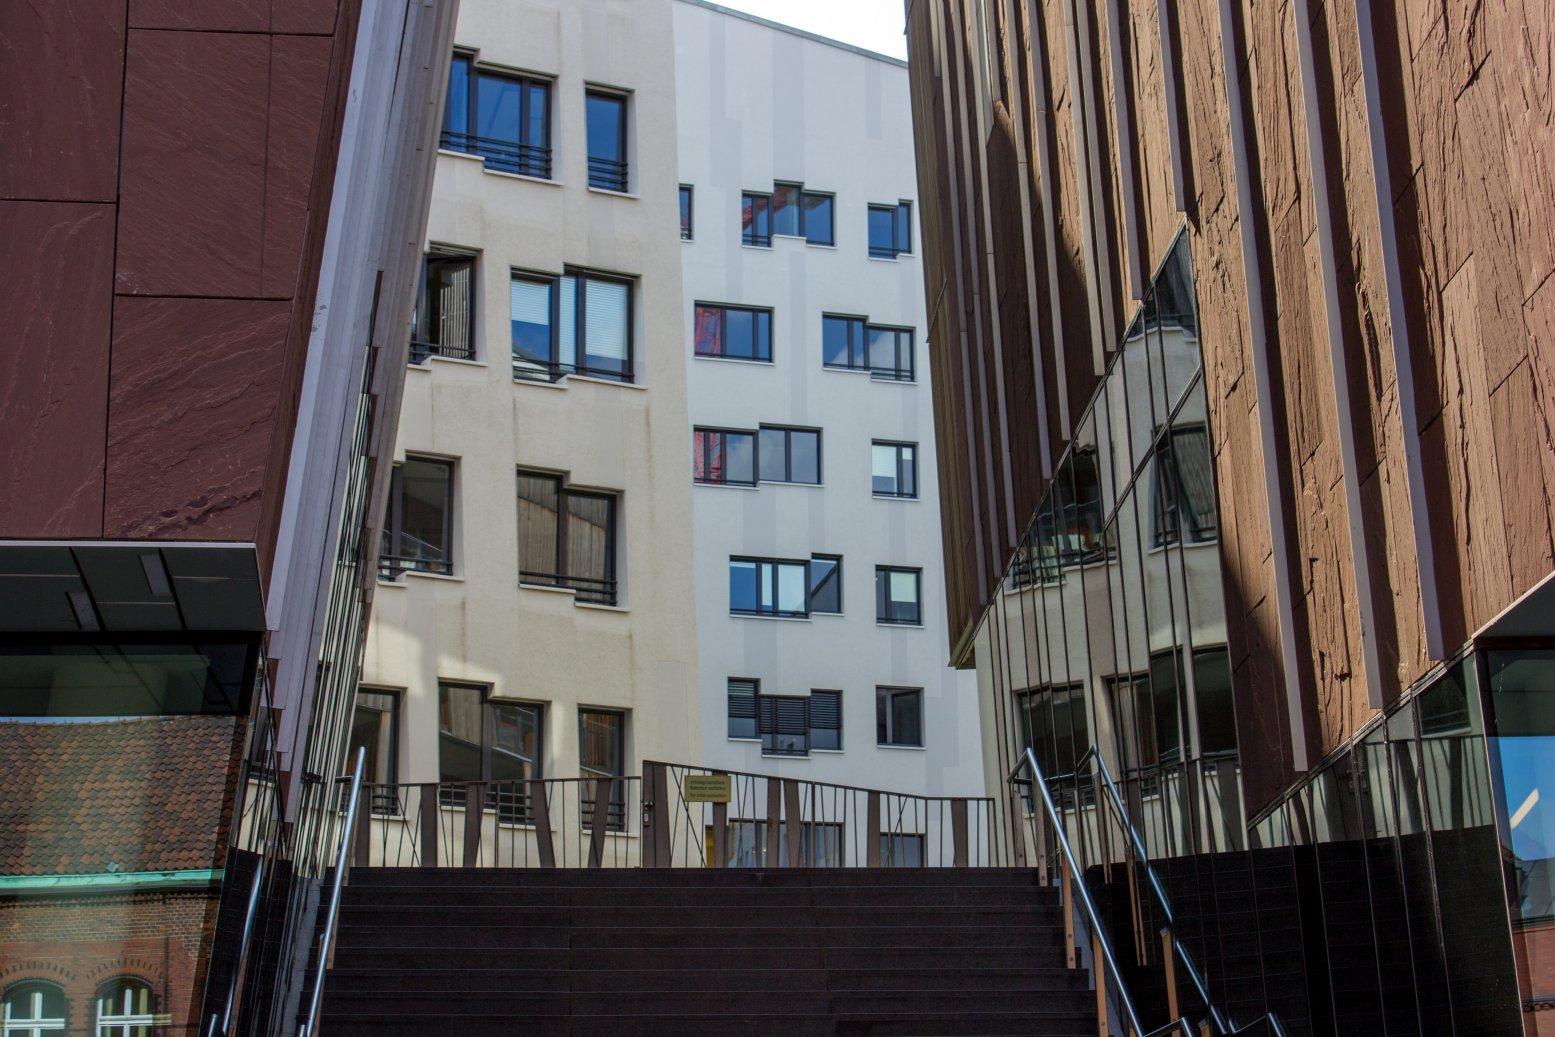 Moderne Architektur - HafenCity Hamburg Foto & Bild   deutschland ...